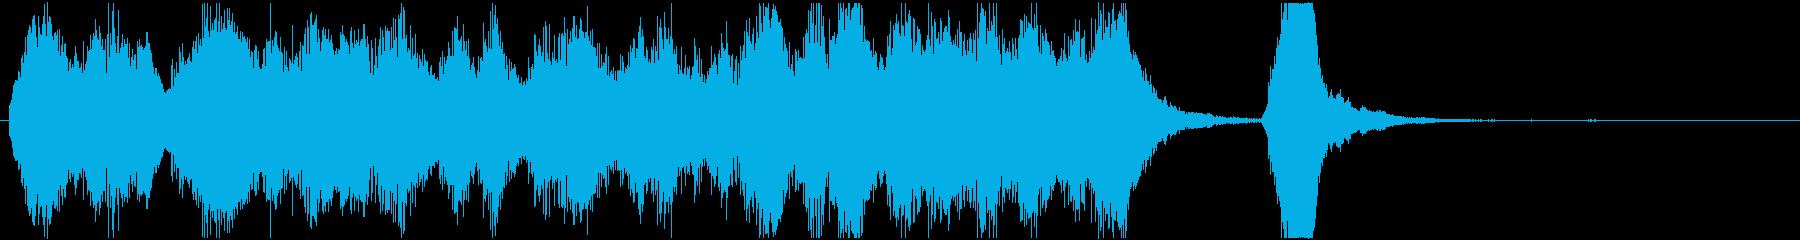 オーケストラの明るくコミカルなジングルの再生済みの波形